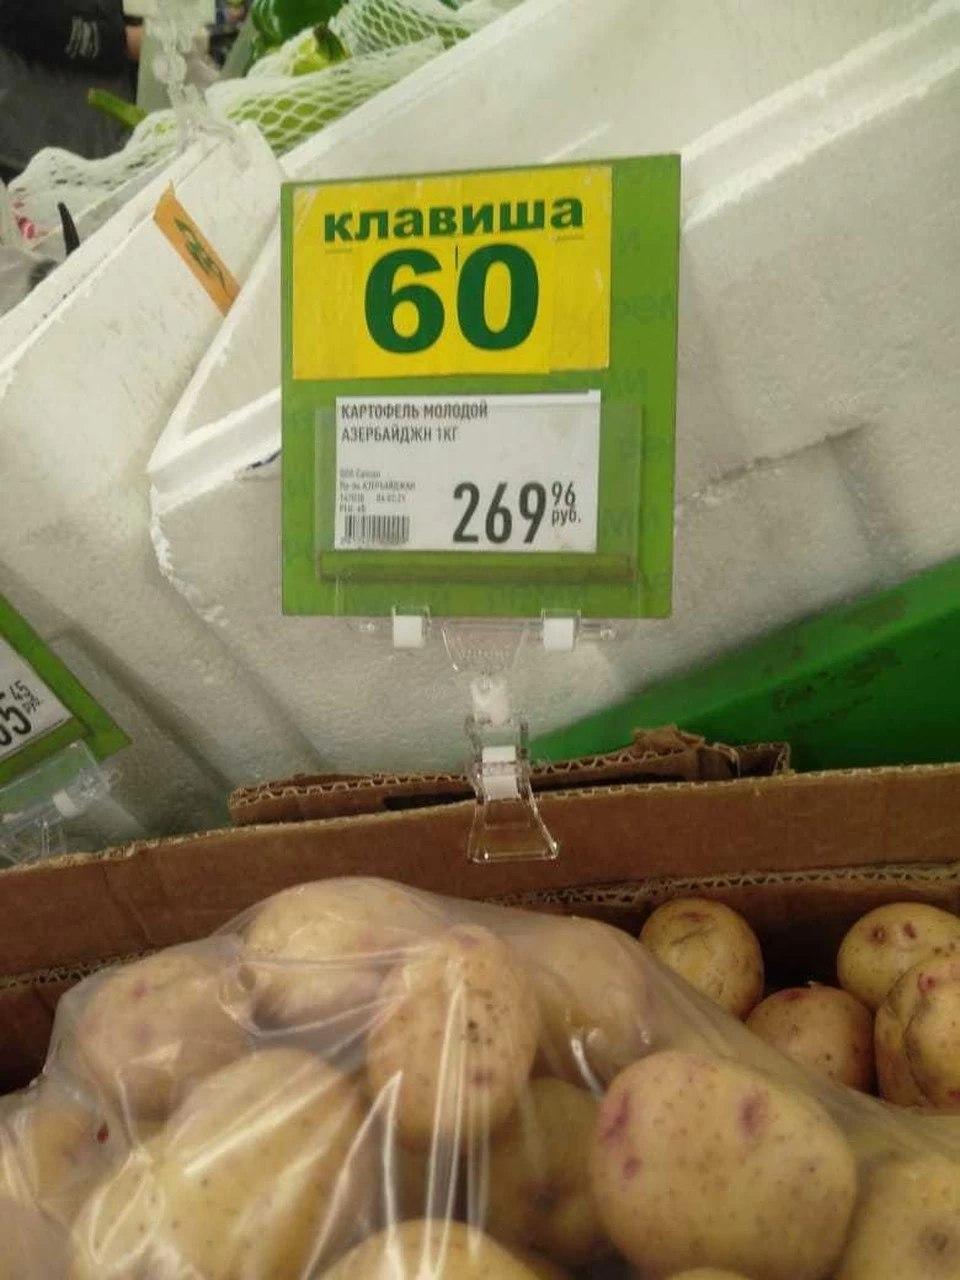 Картошка за 270 рублей появилась в магазинах Хабаровска